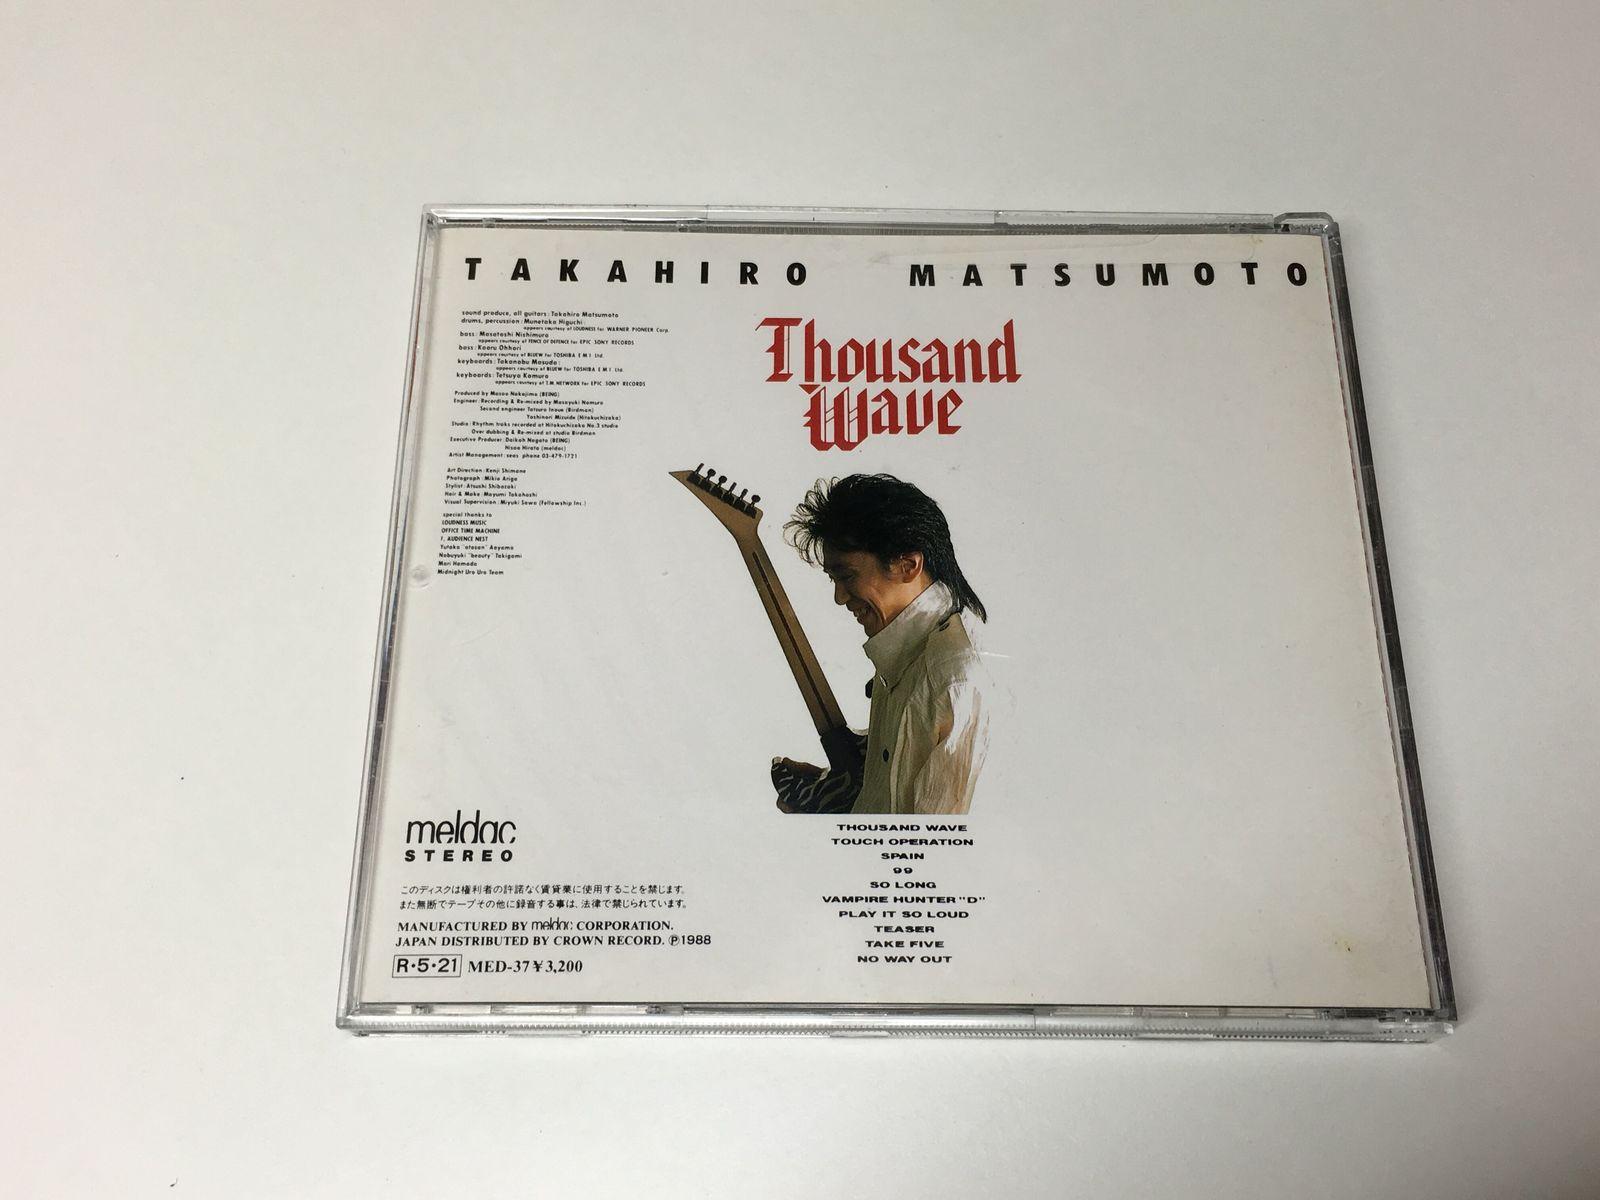 TAK MATSUMOTO JAPAN VERSION ALBUM CD THOUSAND WAVE